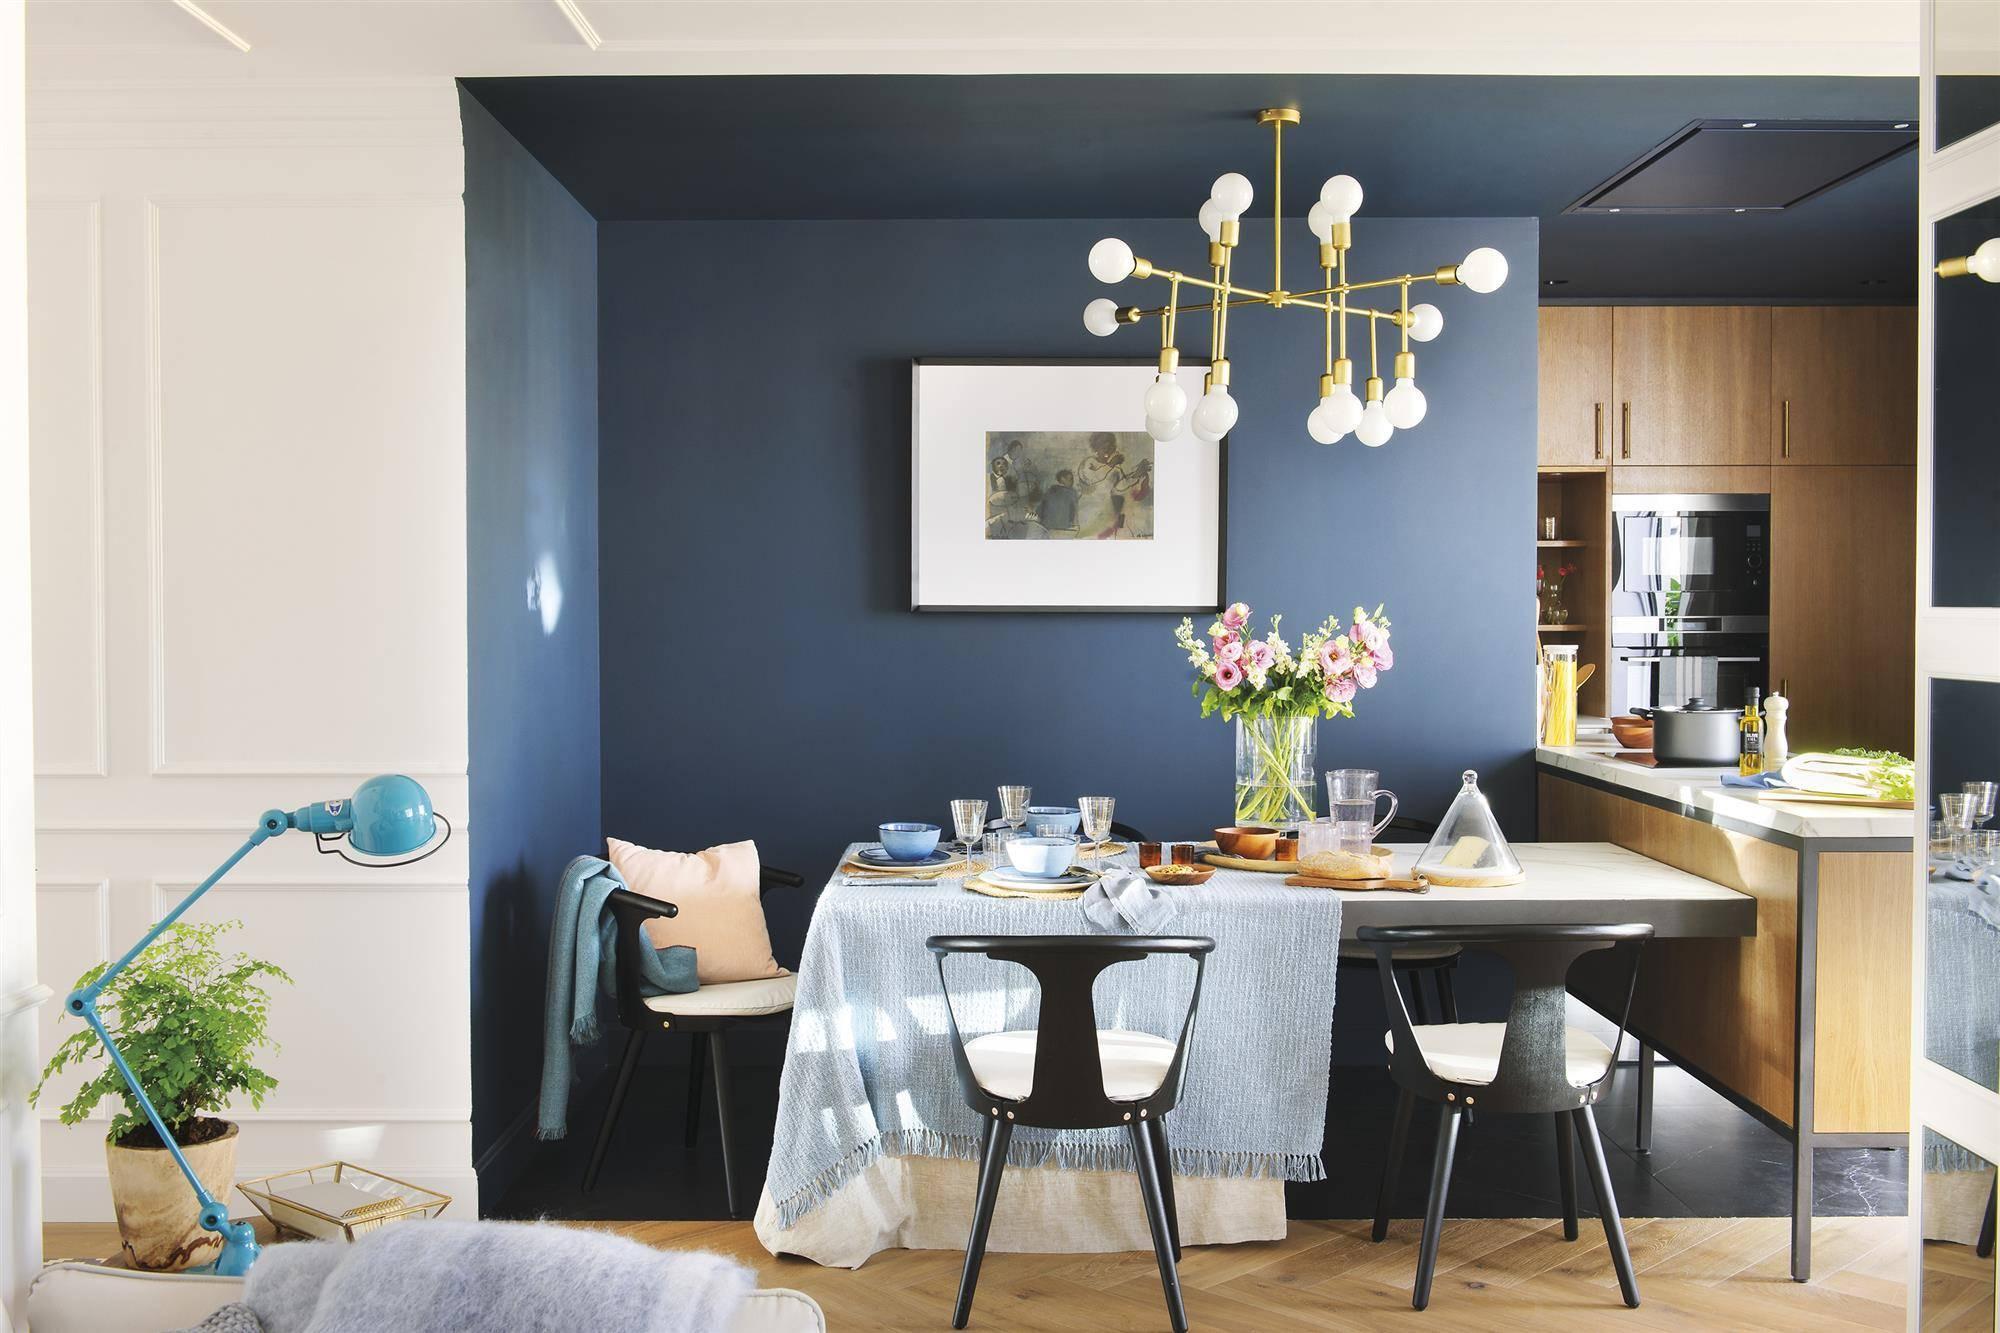 5 colores que combinan bien con azul for Cocina pintura pato azul